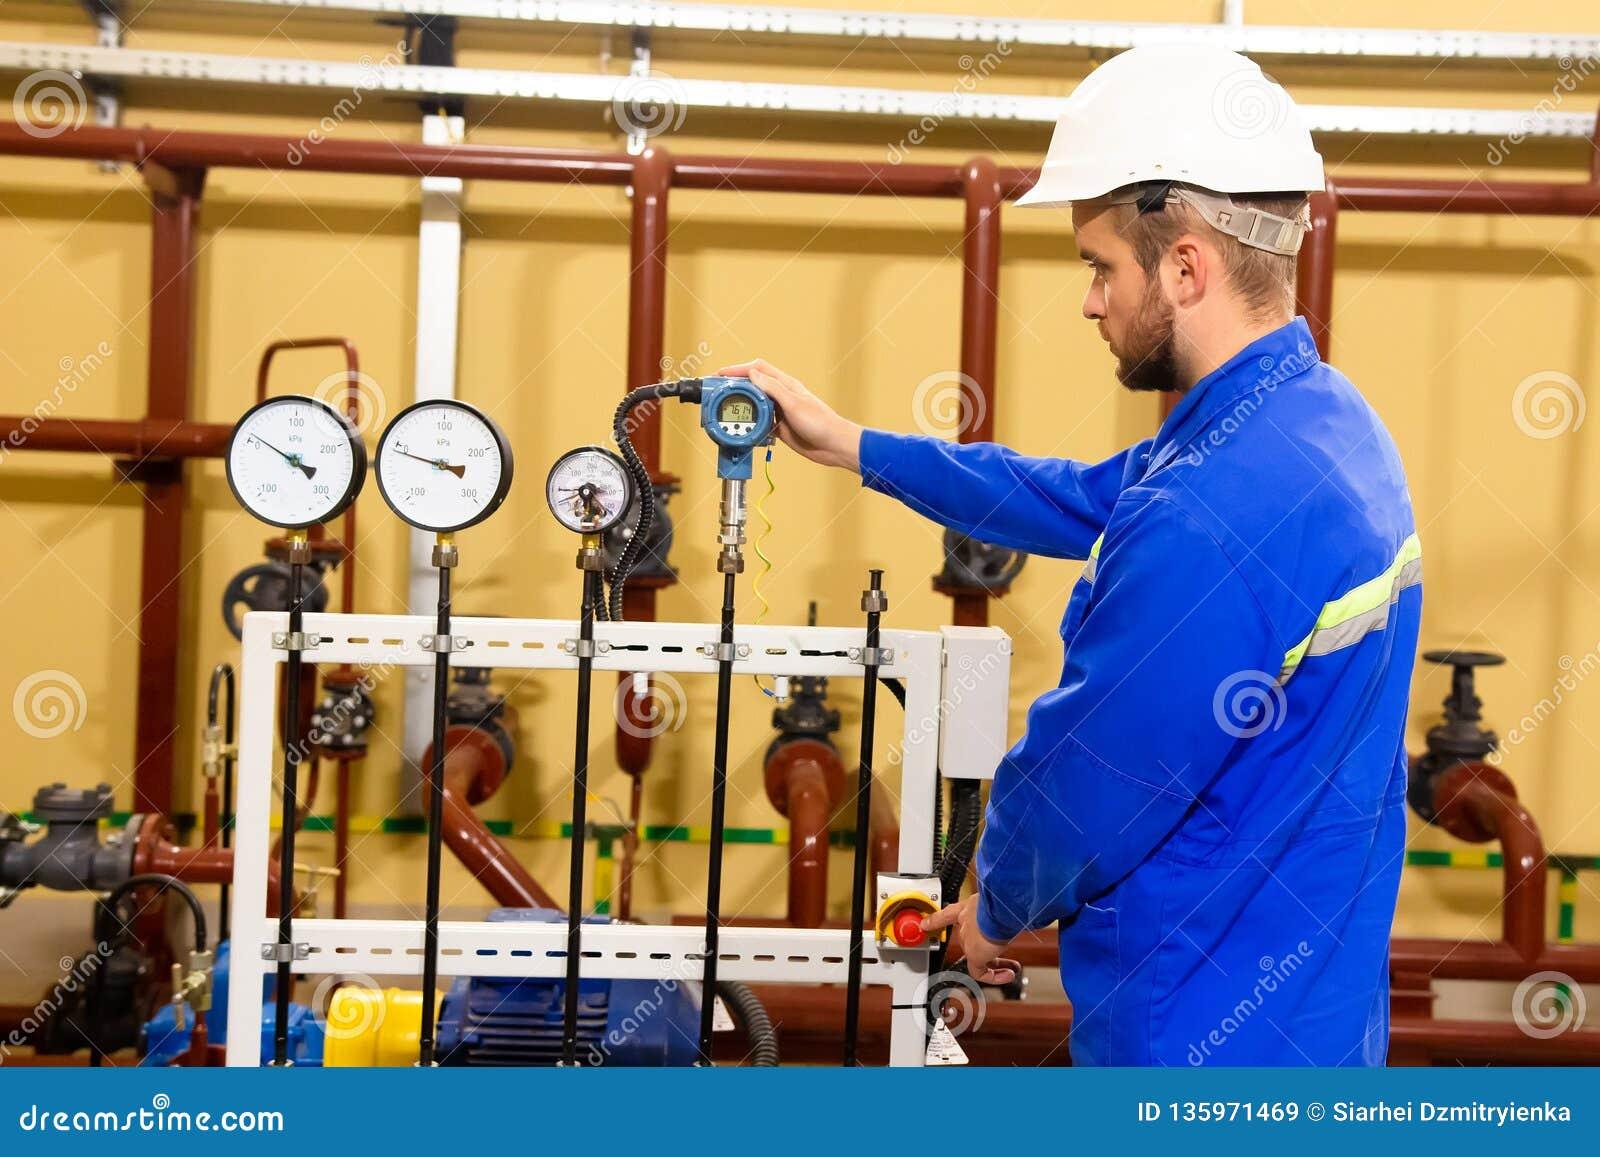 Работник техника на промышленном предприятии